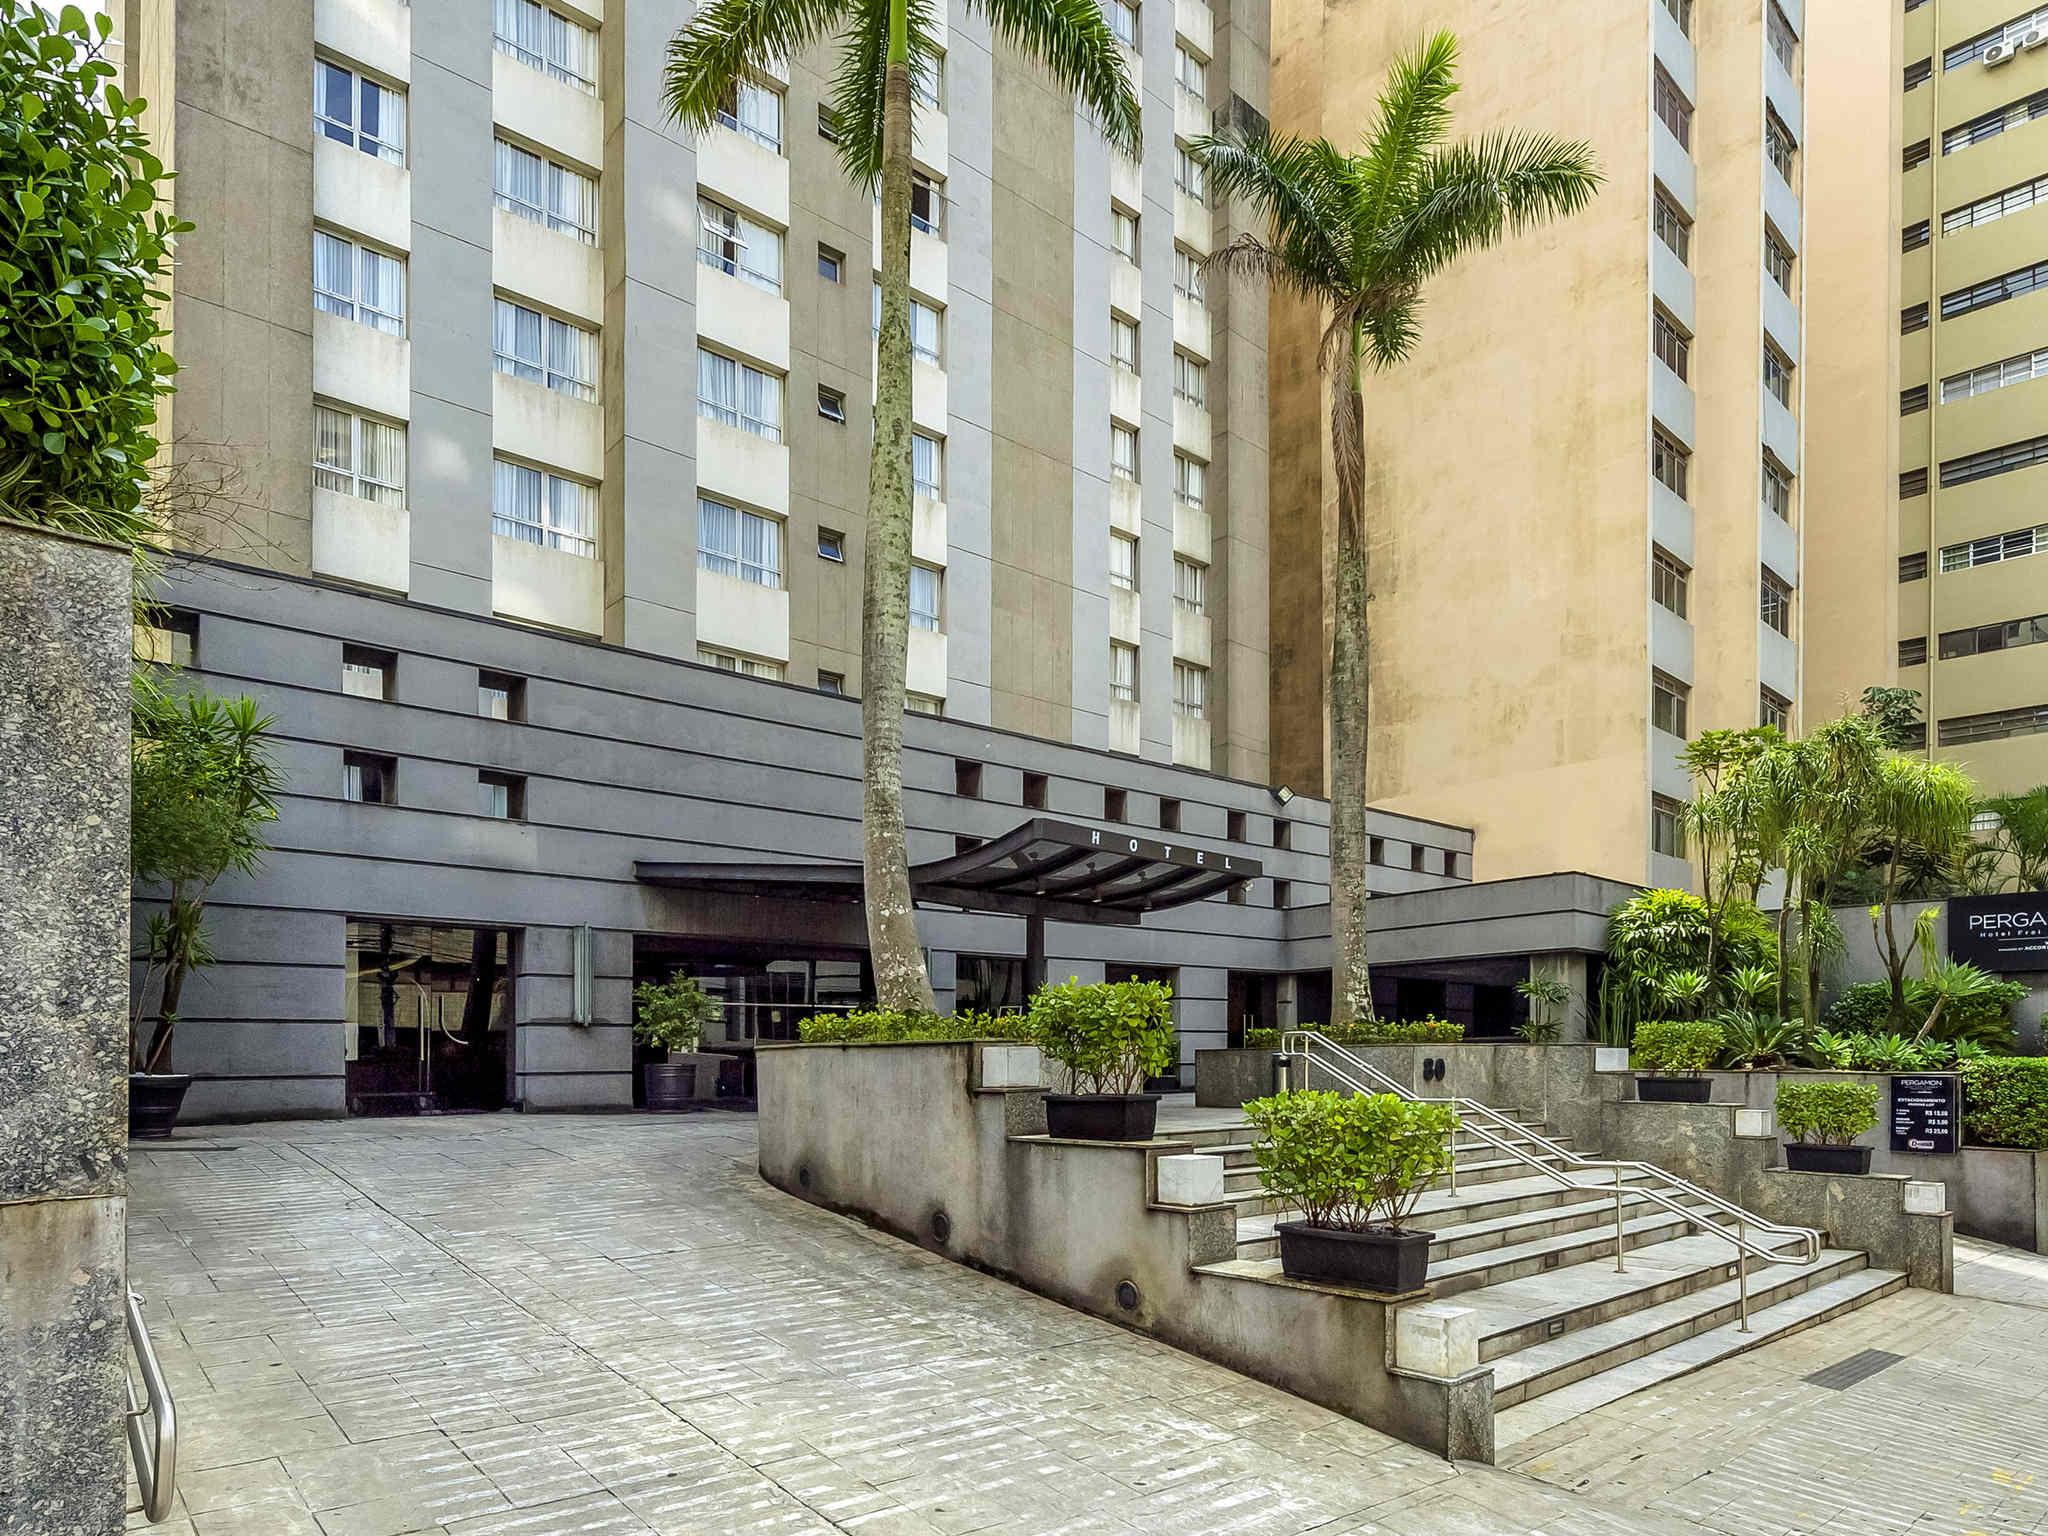 酒店 – 雅高酒店集团管理的弗雷卡内卡帕加马酒店